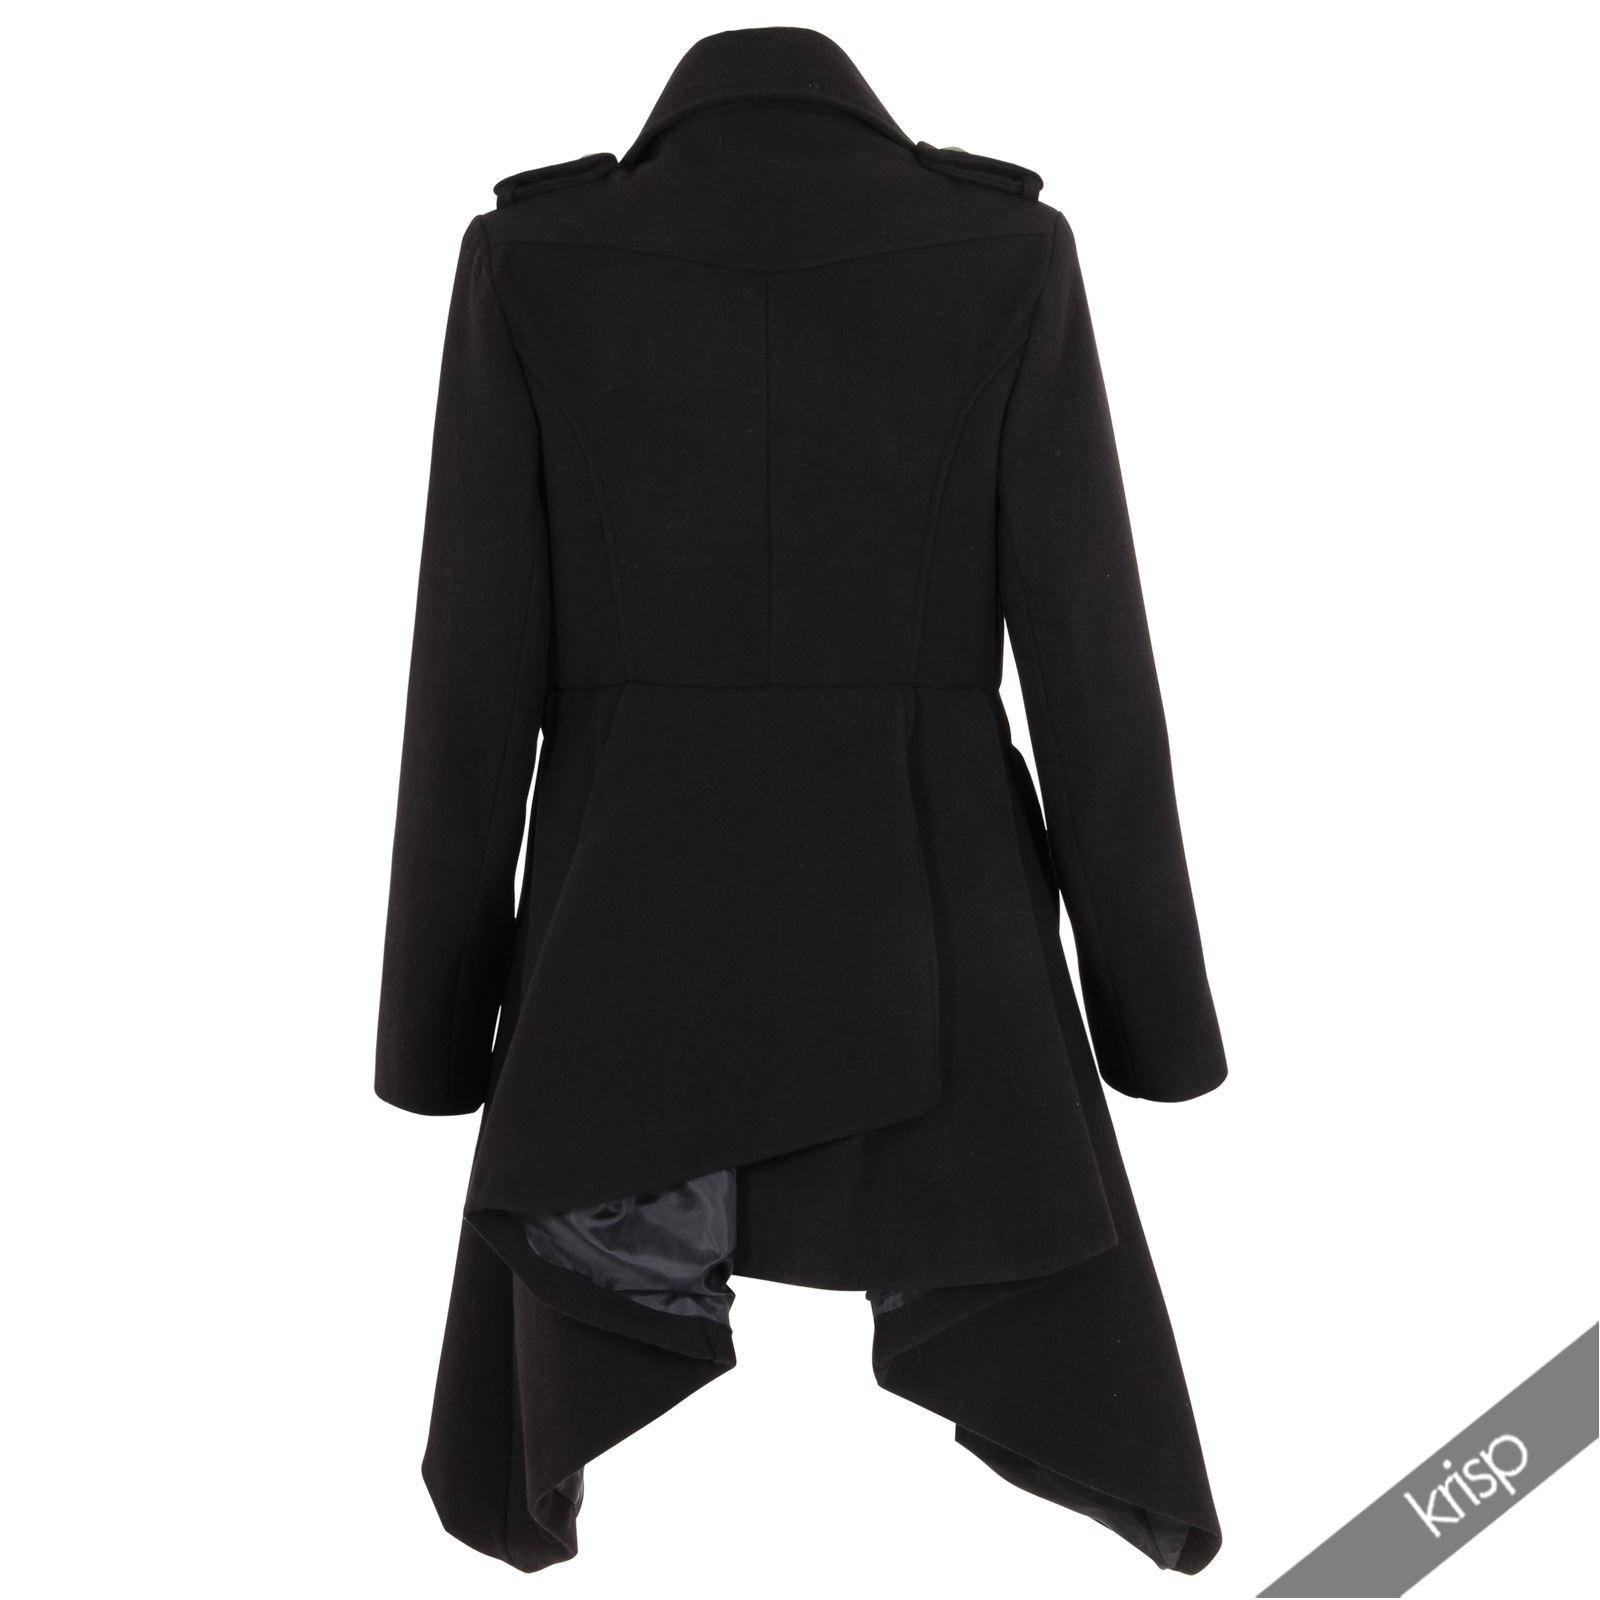 krisp damen milit r mantel zweireiher lang winter jacke. Black Bedroom Furniture Sets. Home Design Ideas